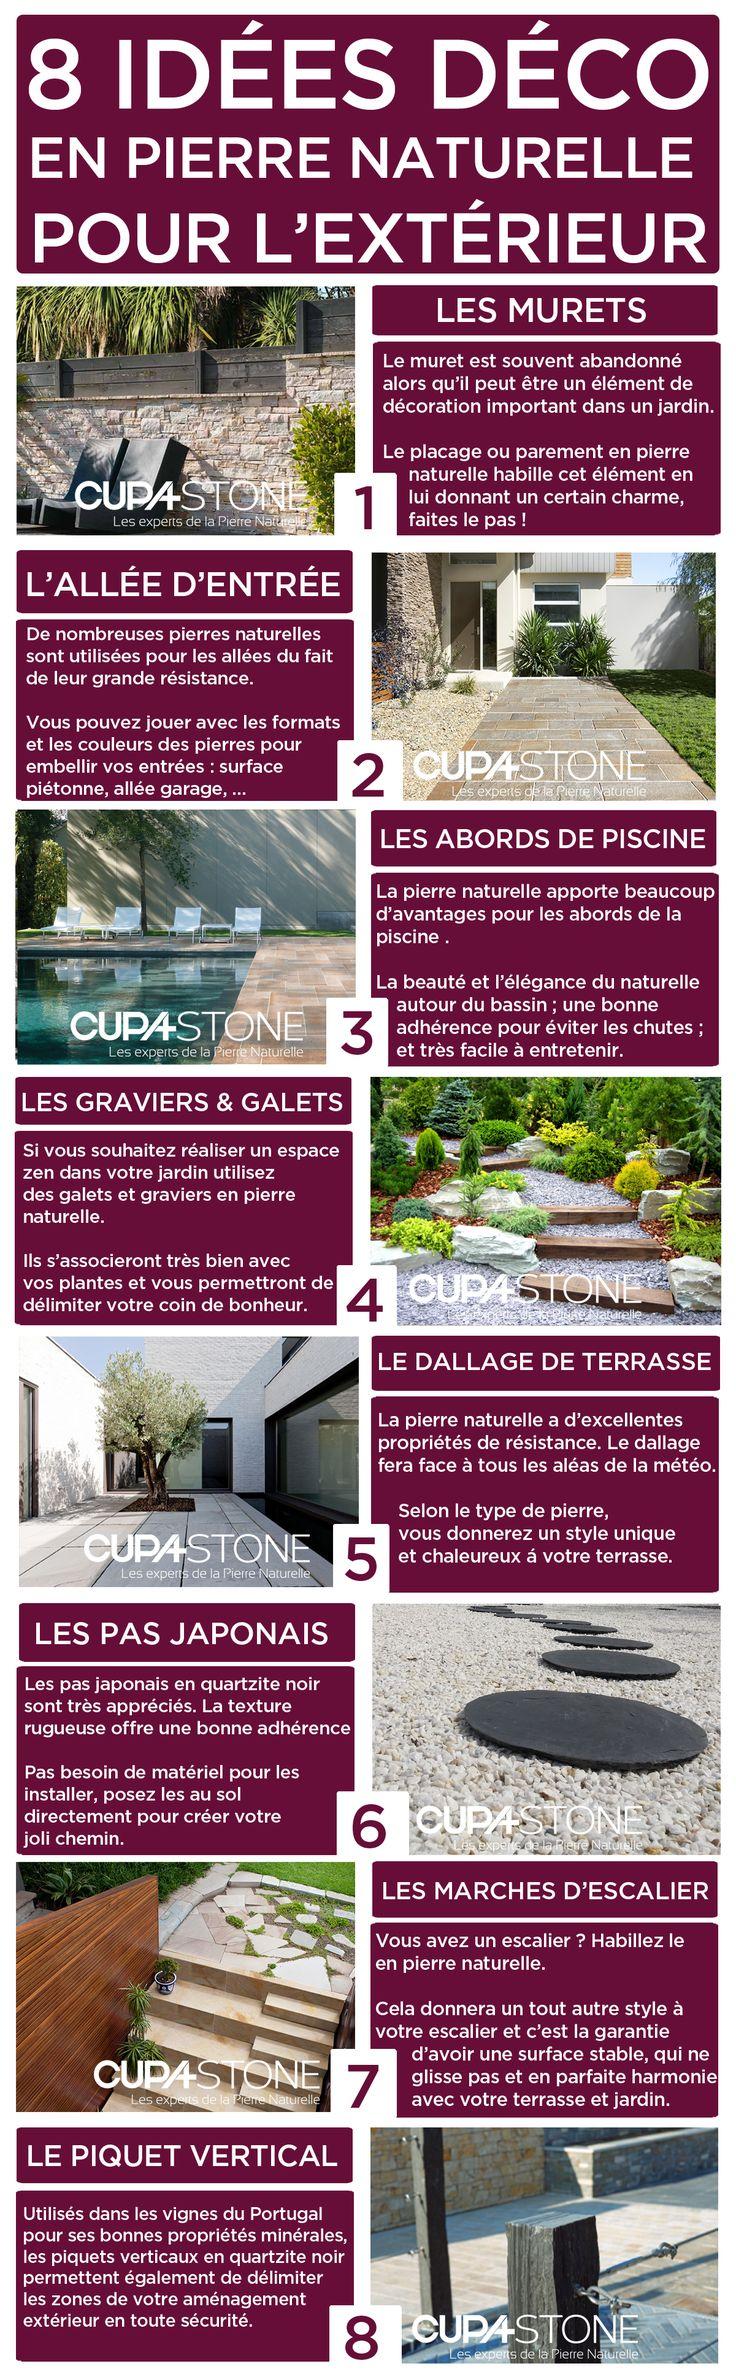 8 idées déco en pierre naturelle pour l'extérieur: terrasses, piscines et jardins | #CUPASTONE #pierrenaturelle #exterieur #terrasse #piscine #jardin #décoration